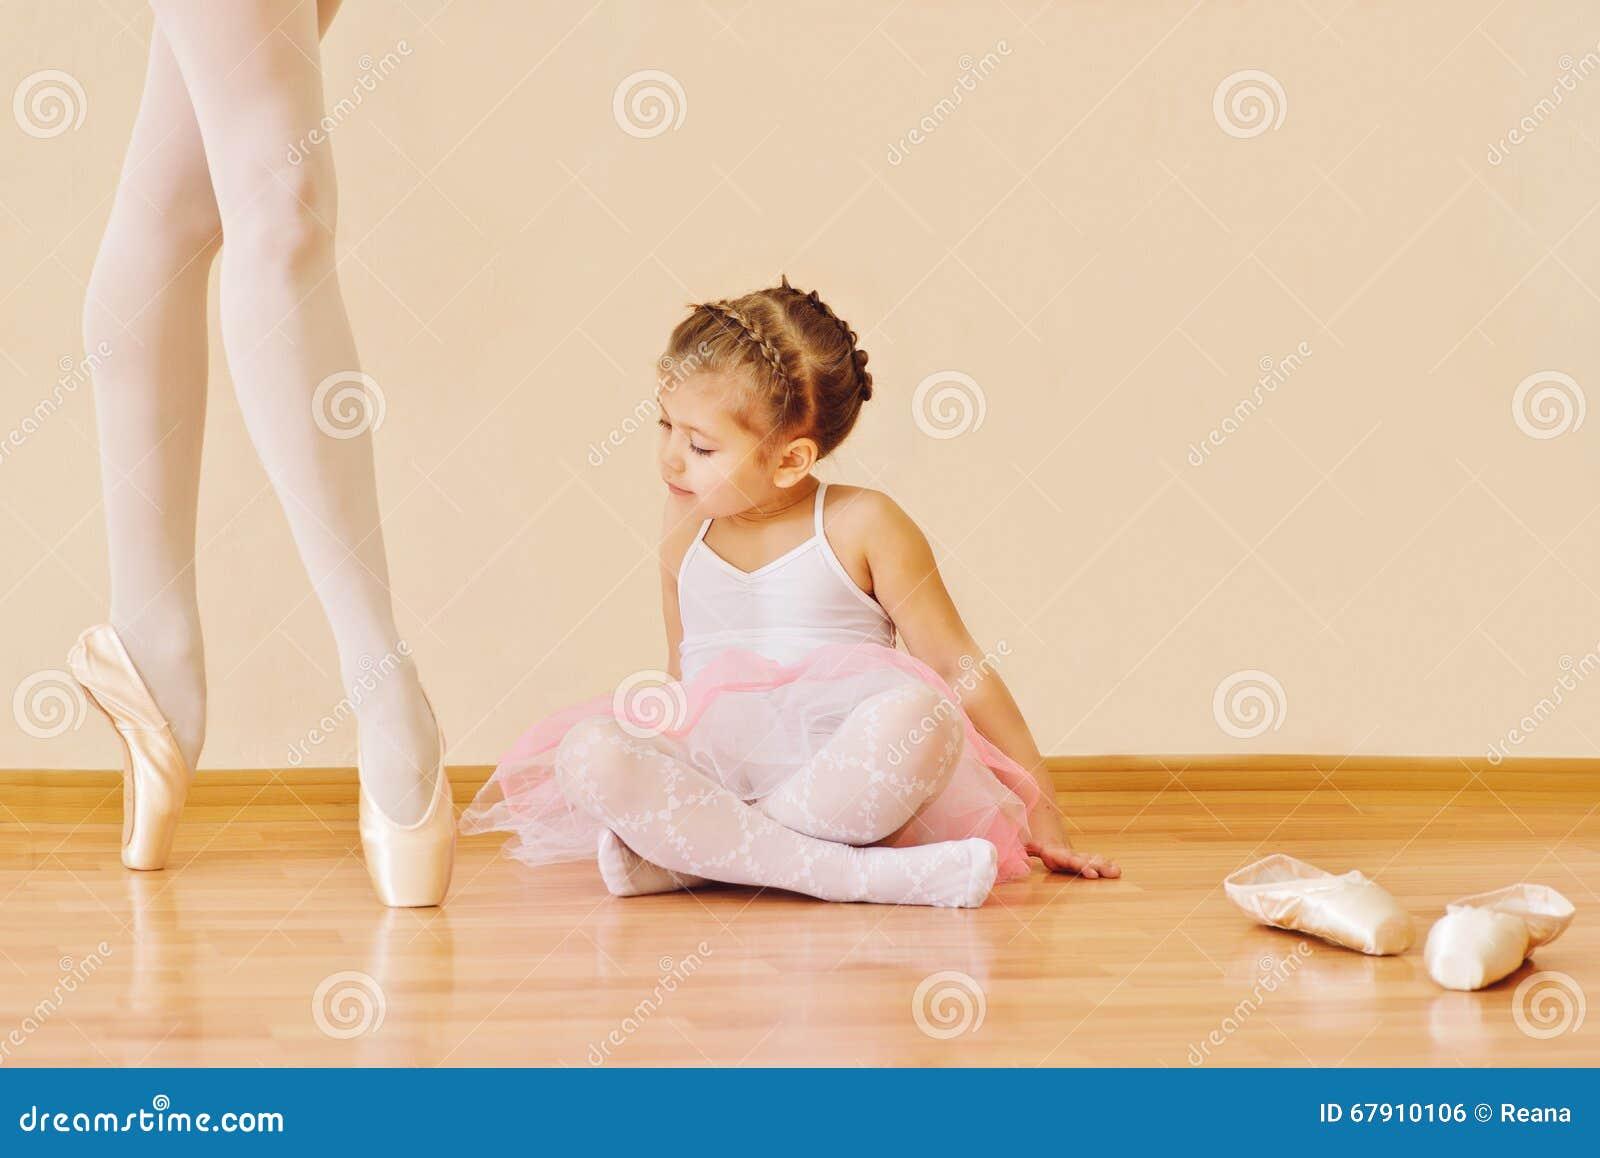 Kleines Mädchen in der Ballettschule